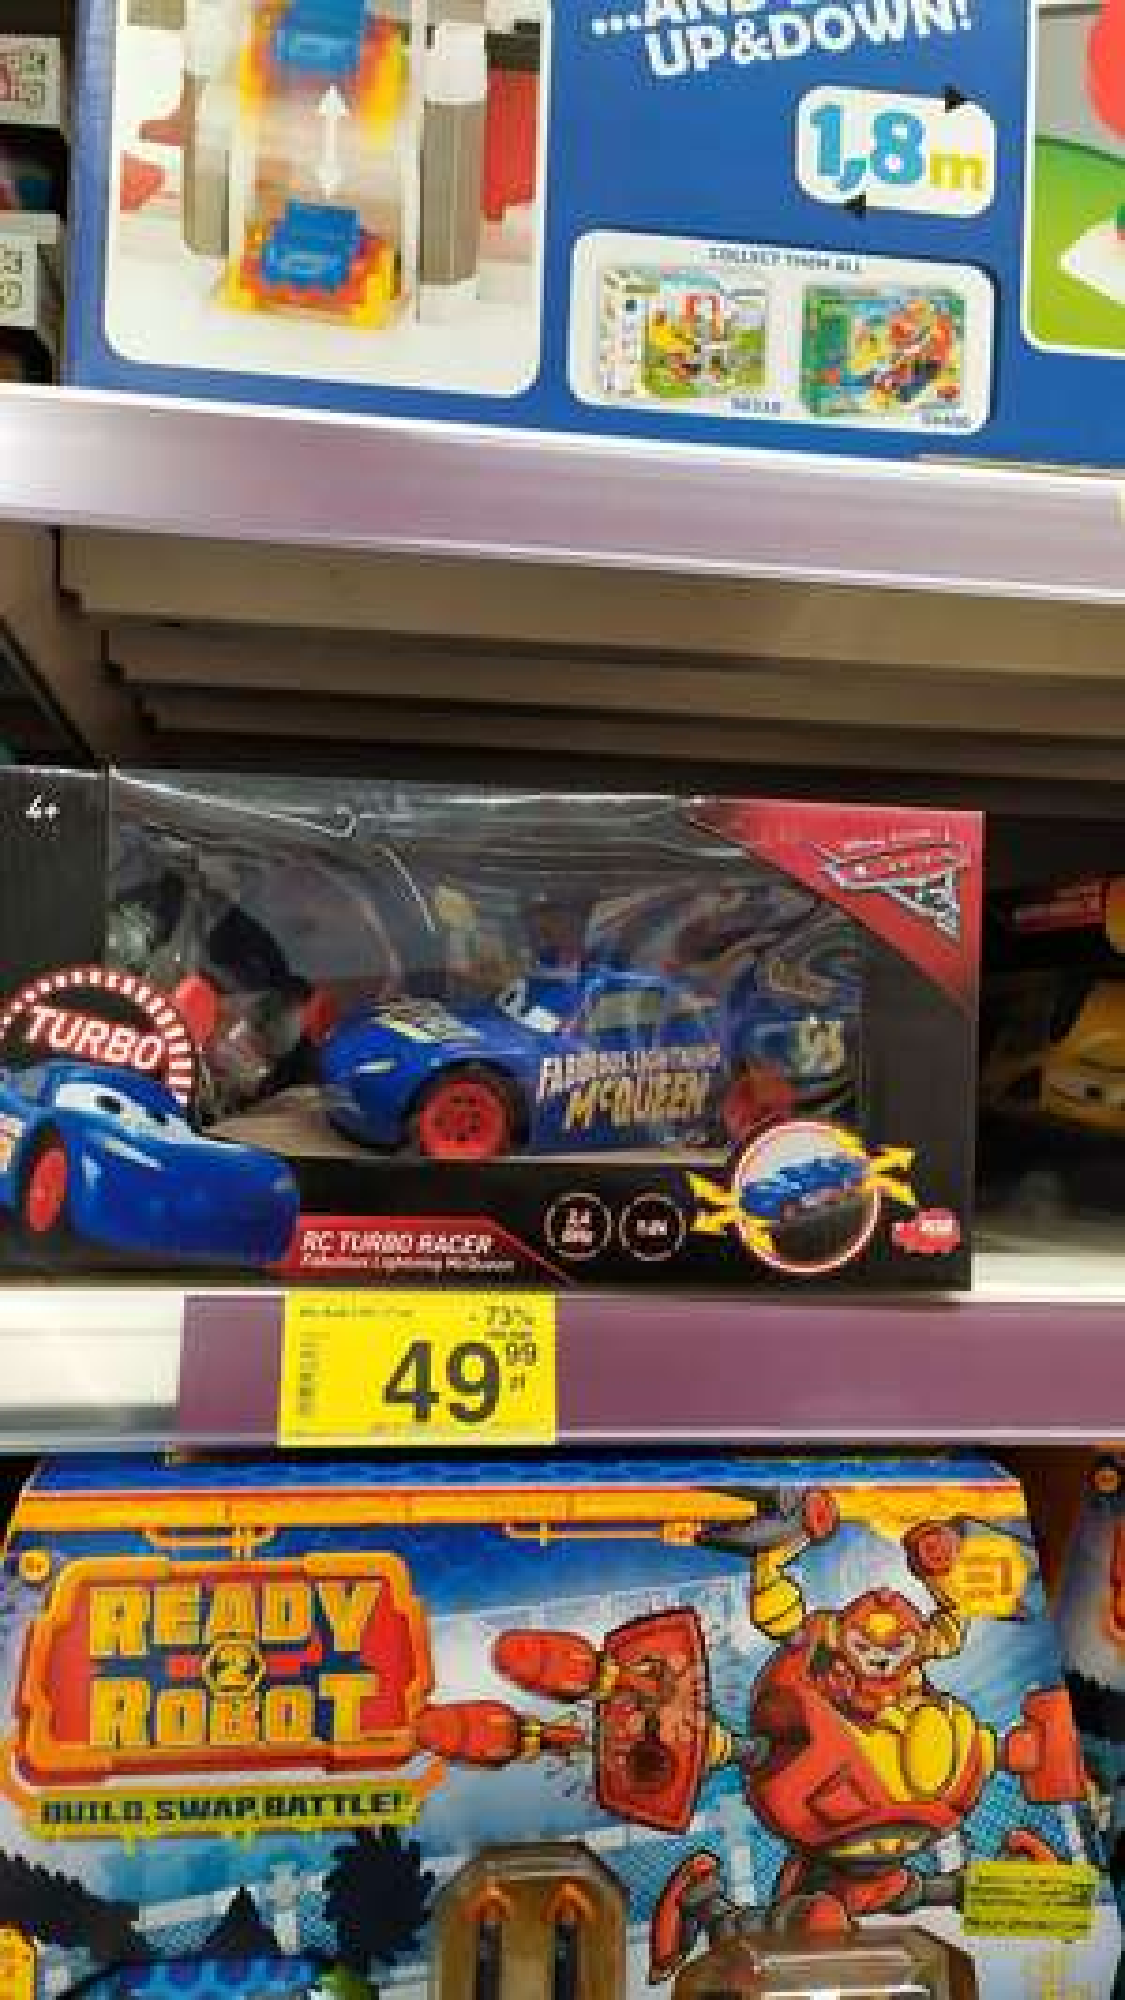 RC TURBO RACER autko z firmy Disney